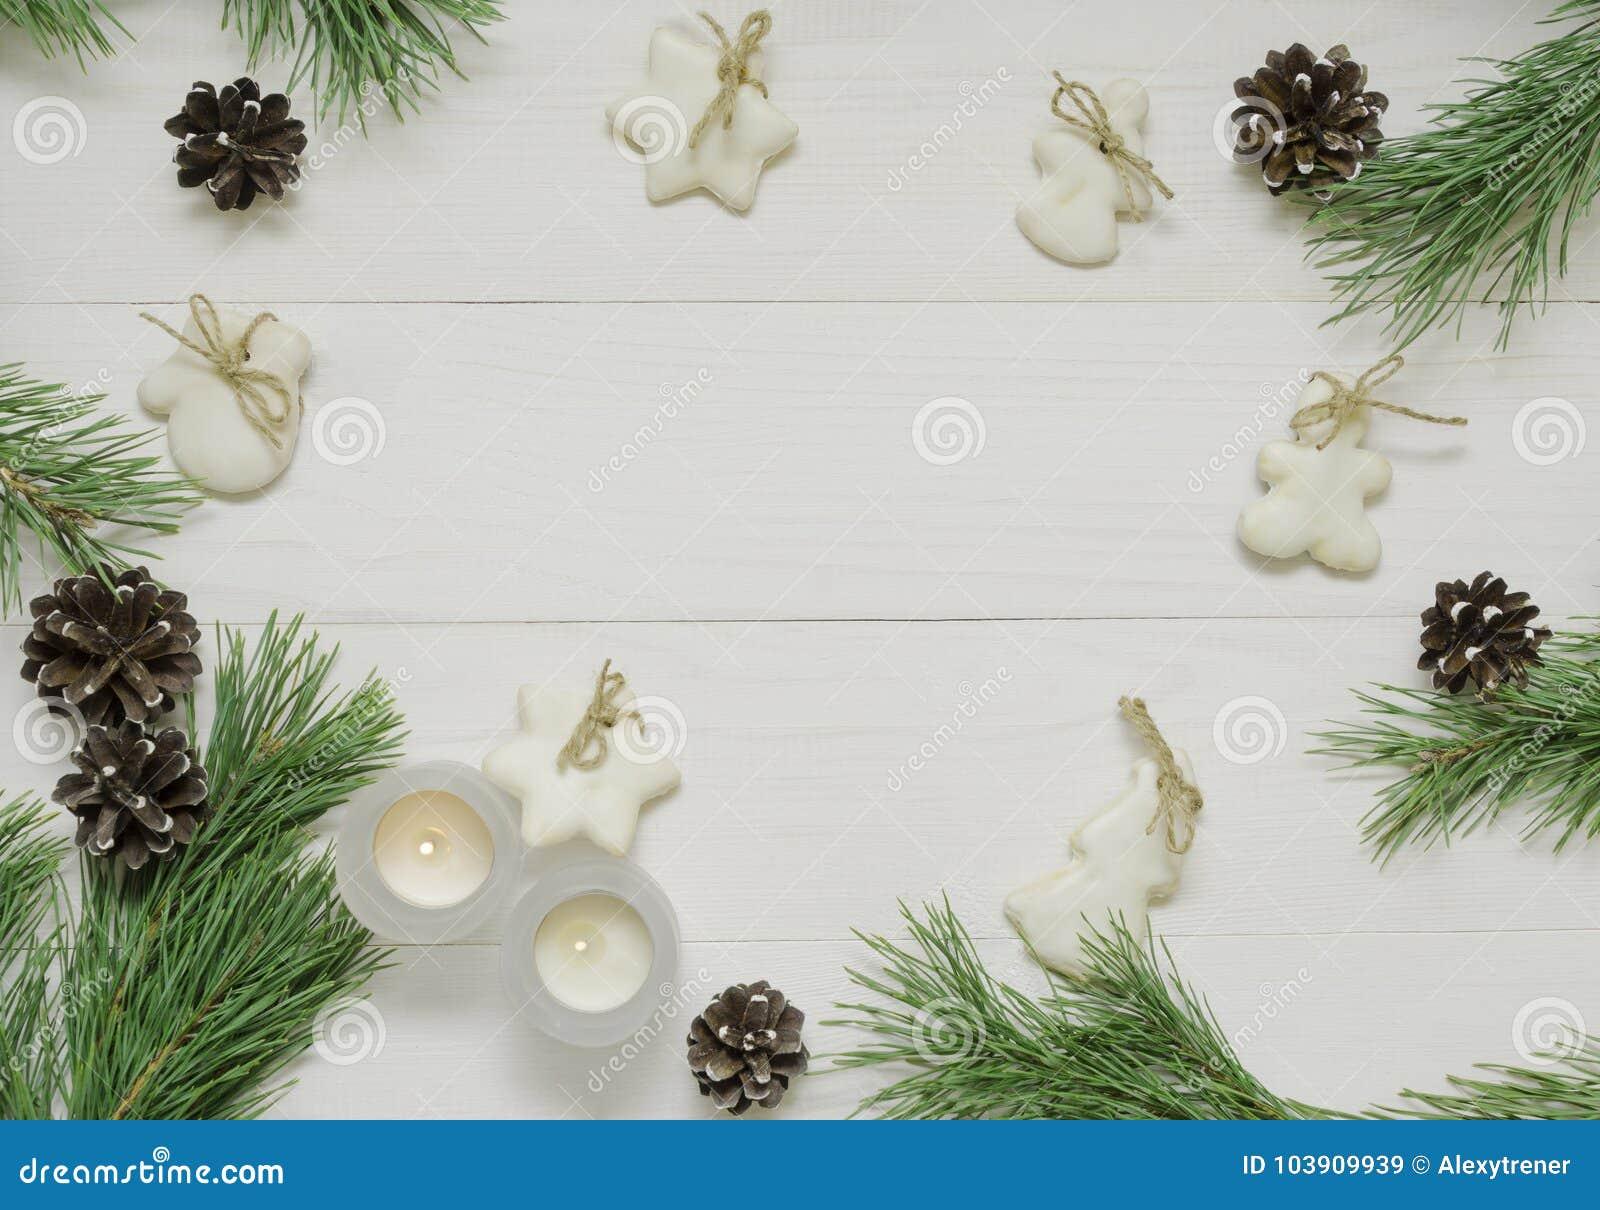 Decoration de noel pour carte de voeux